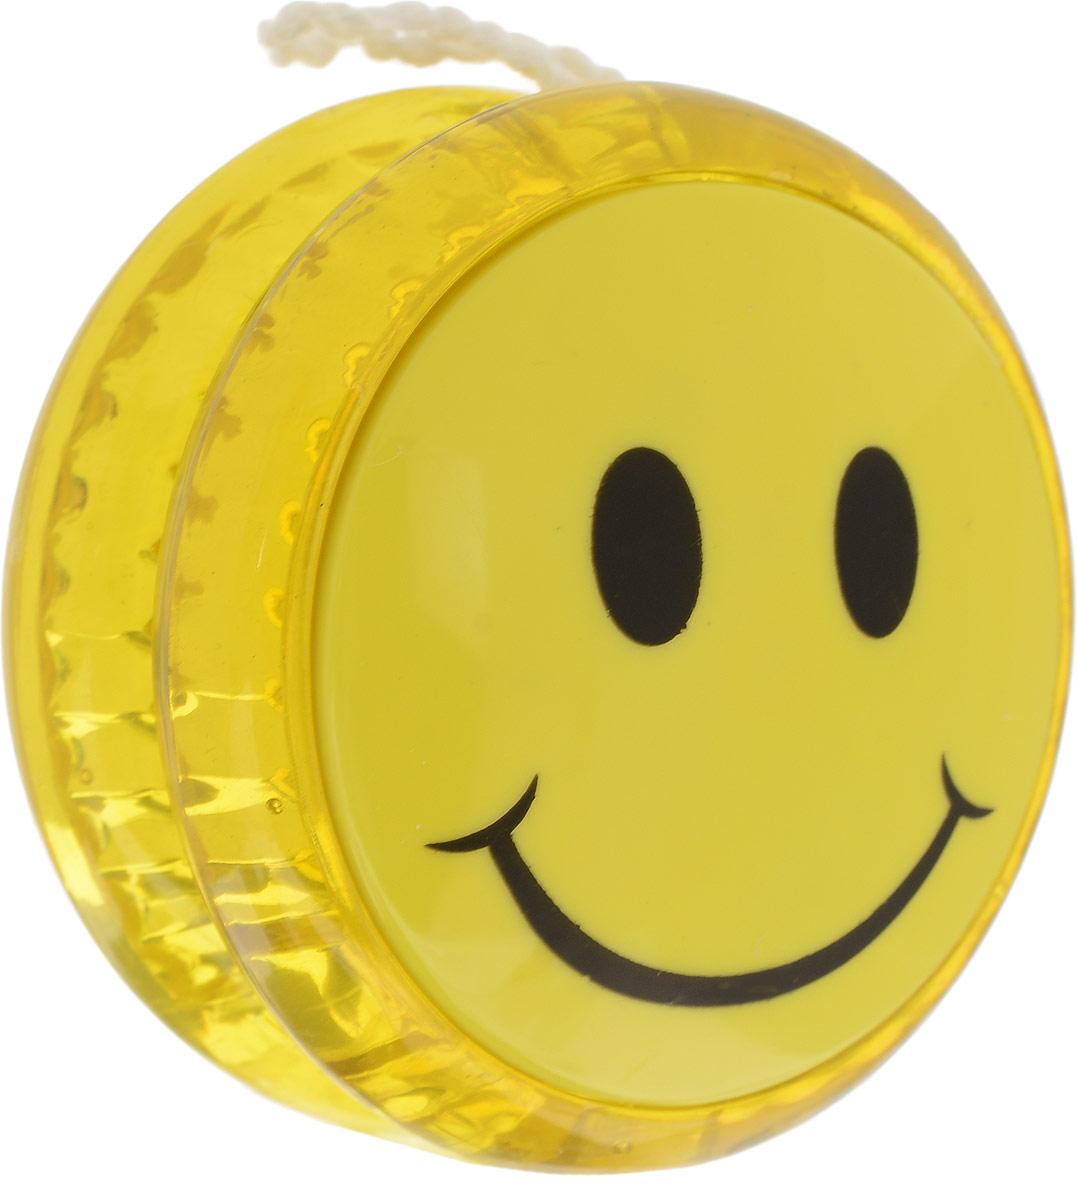 Волчок Yo-Yo. Смайл Уцененный товар (№1), Эврика, Развлекательные игрушки  - купить со скидкой